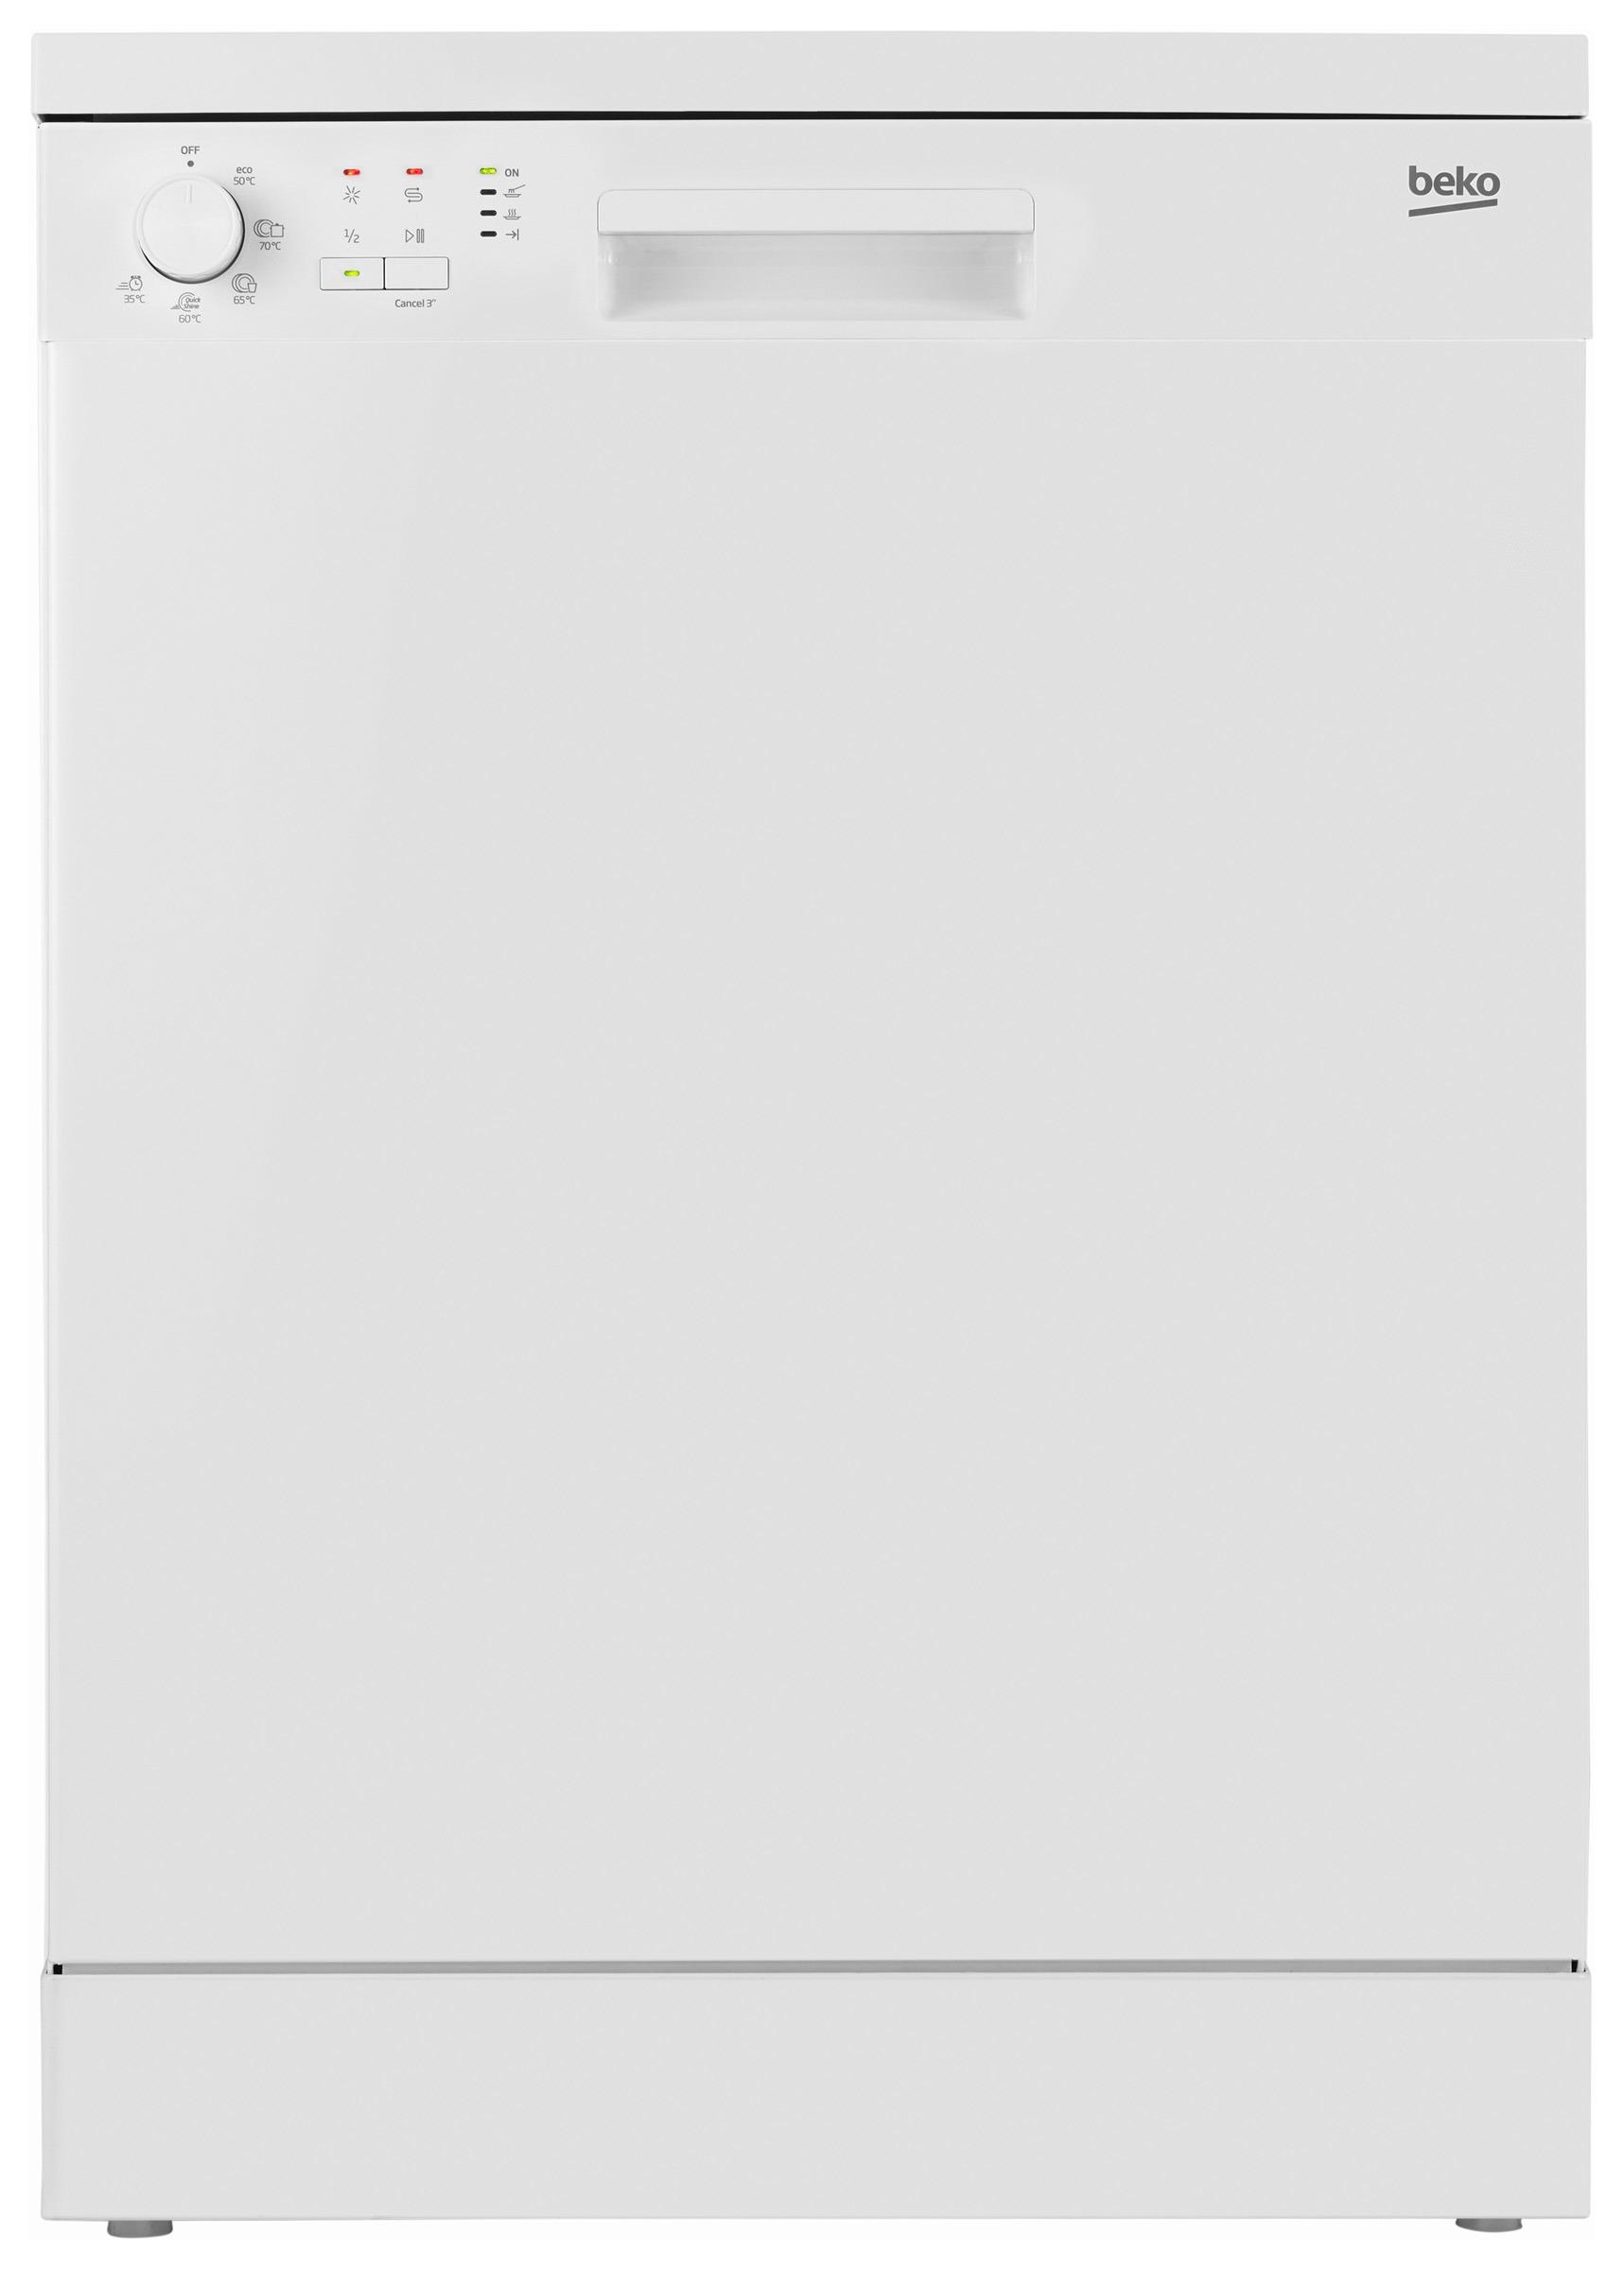 Beko vrijstaande vaatwasser DFN05311W